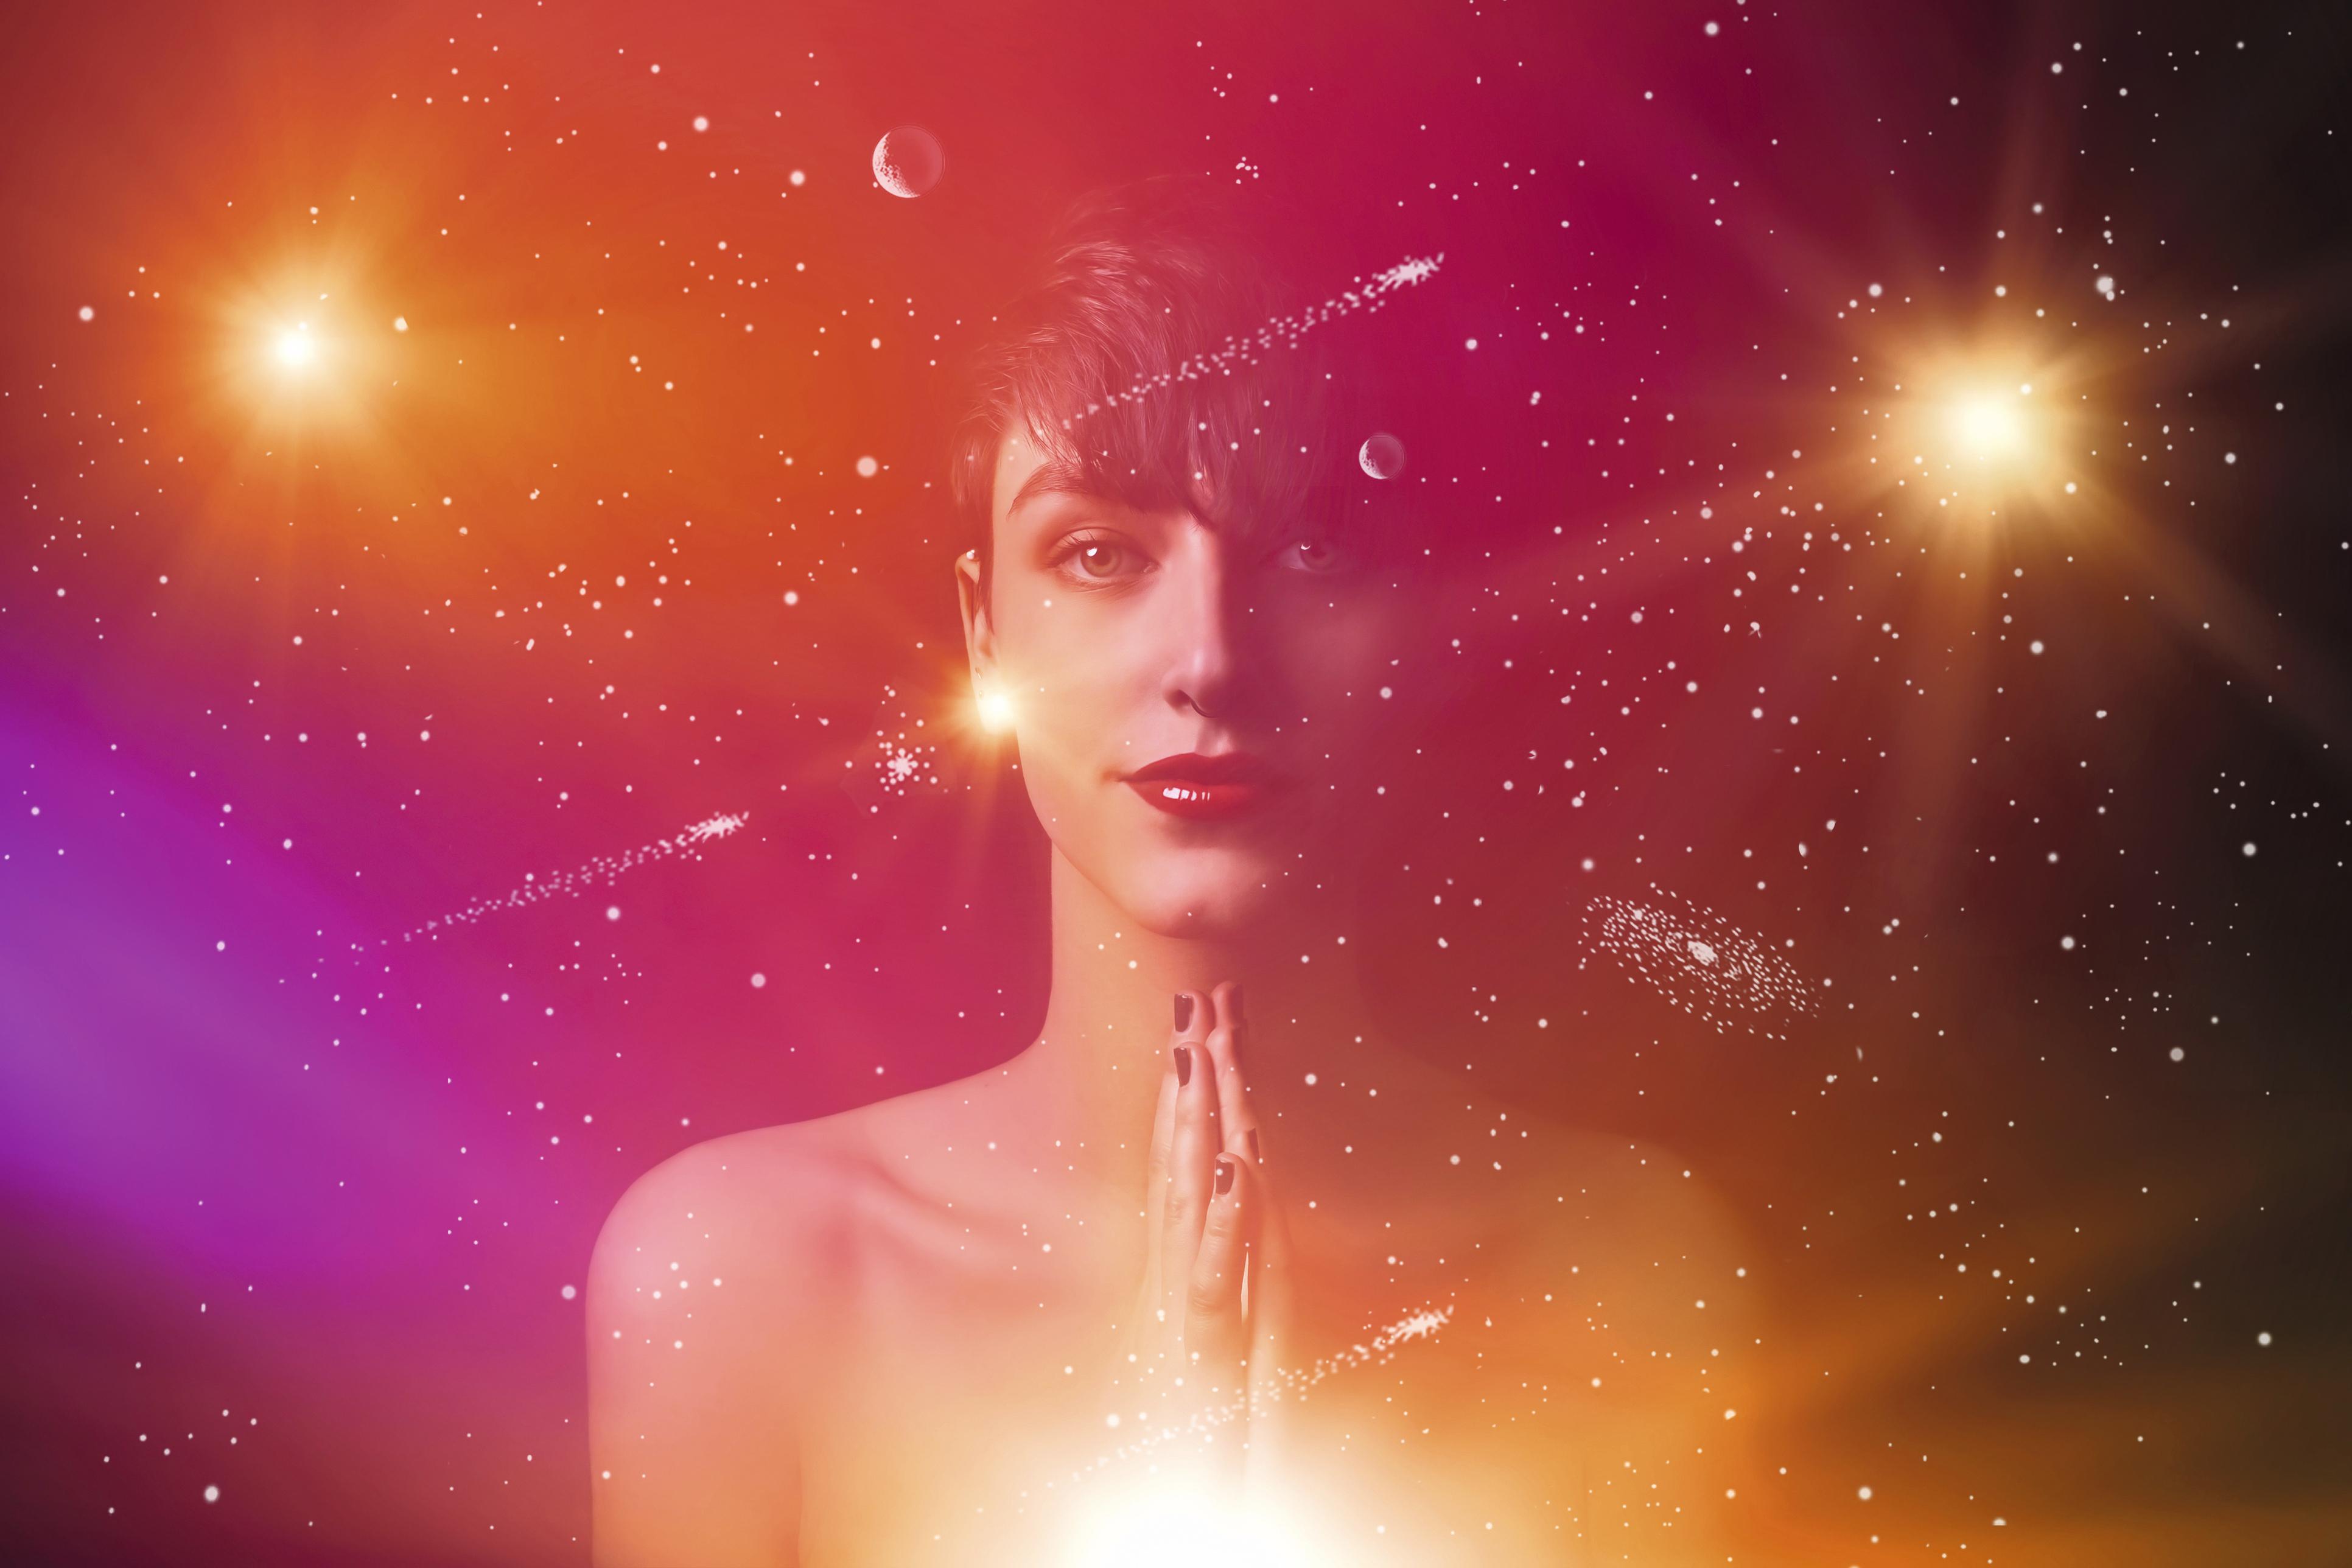 Astrologie : pourquoi l'irrationnel reste-t-il si populaire ?